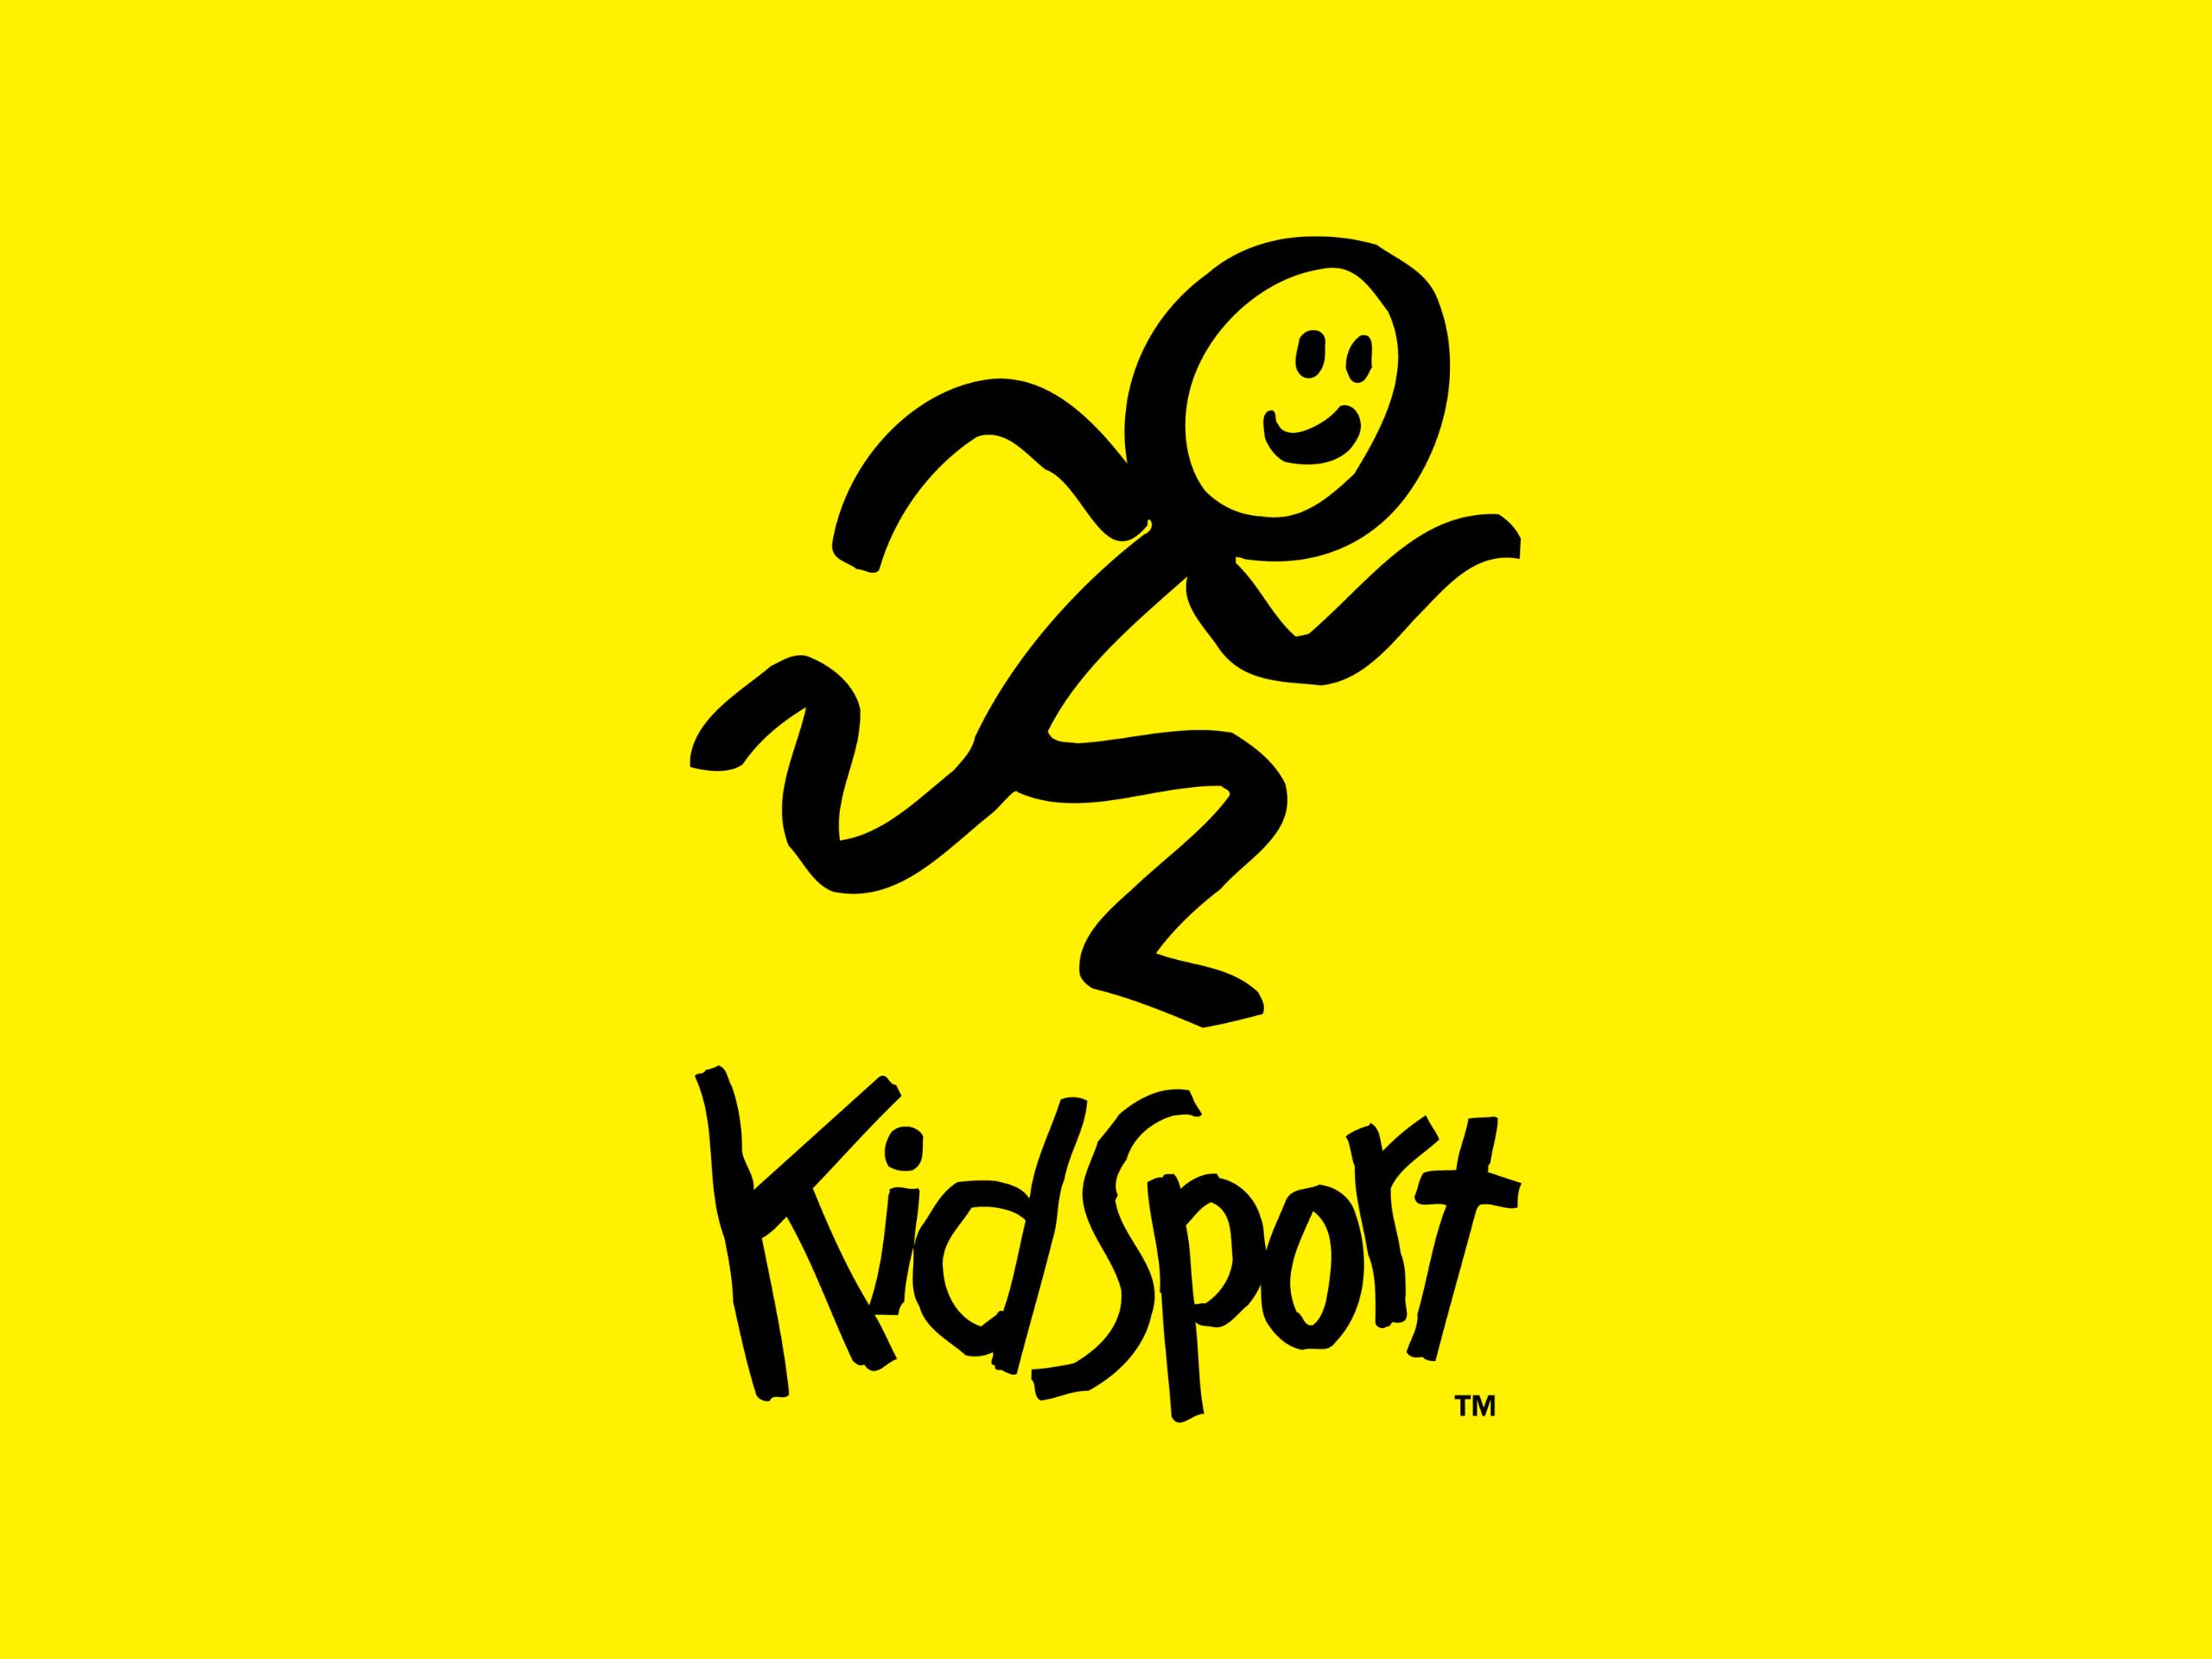 KidSport Month kicks off May 1